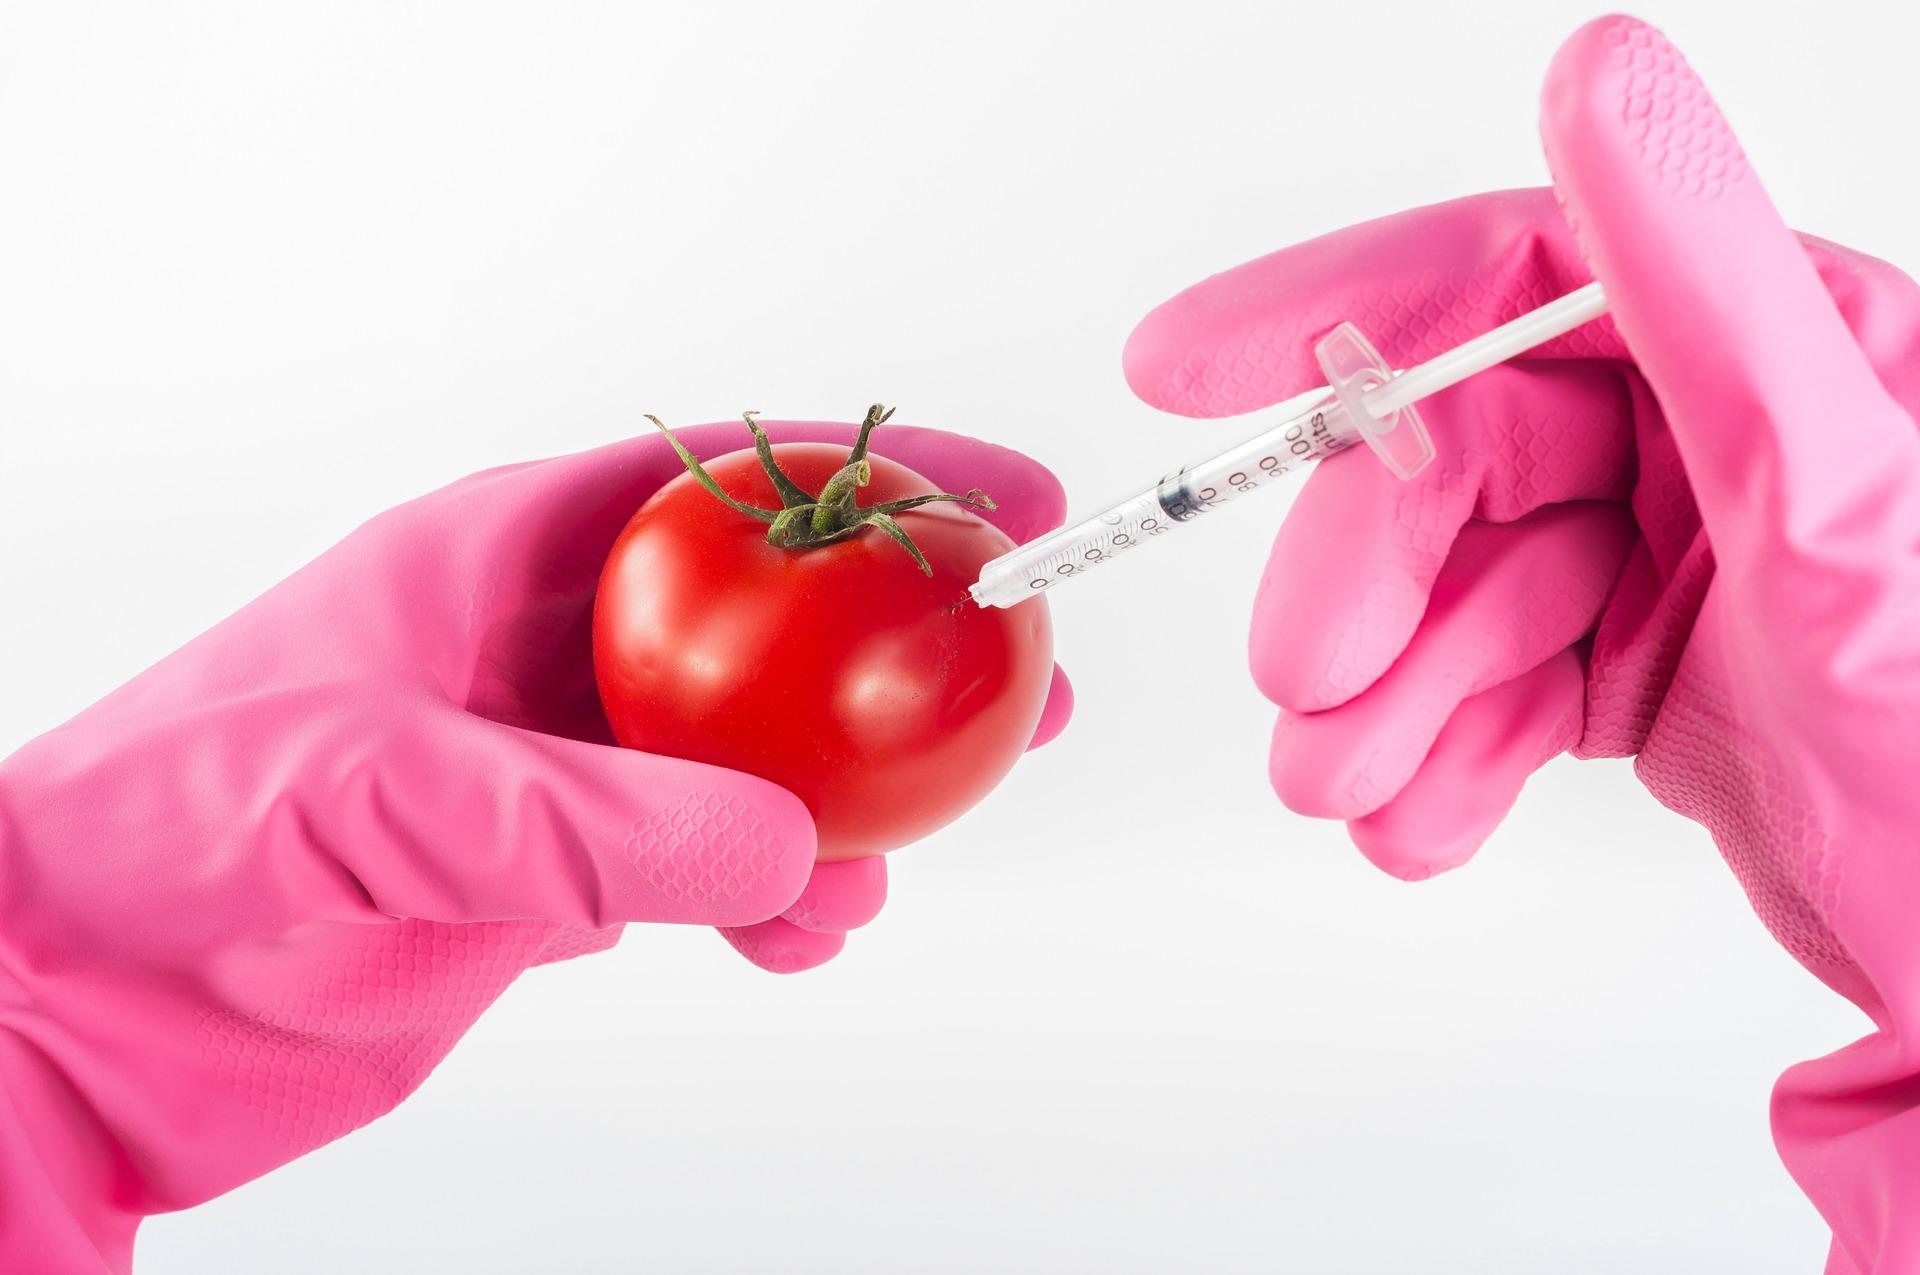 В России за год в восемь раз снизилось число продуктов с нарушением содержания ГМО